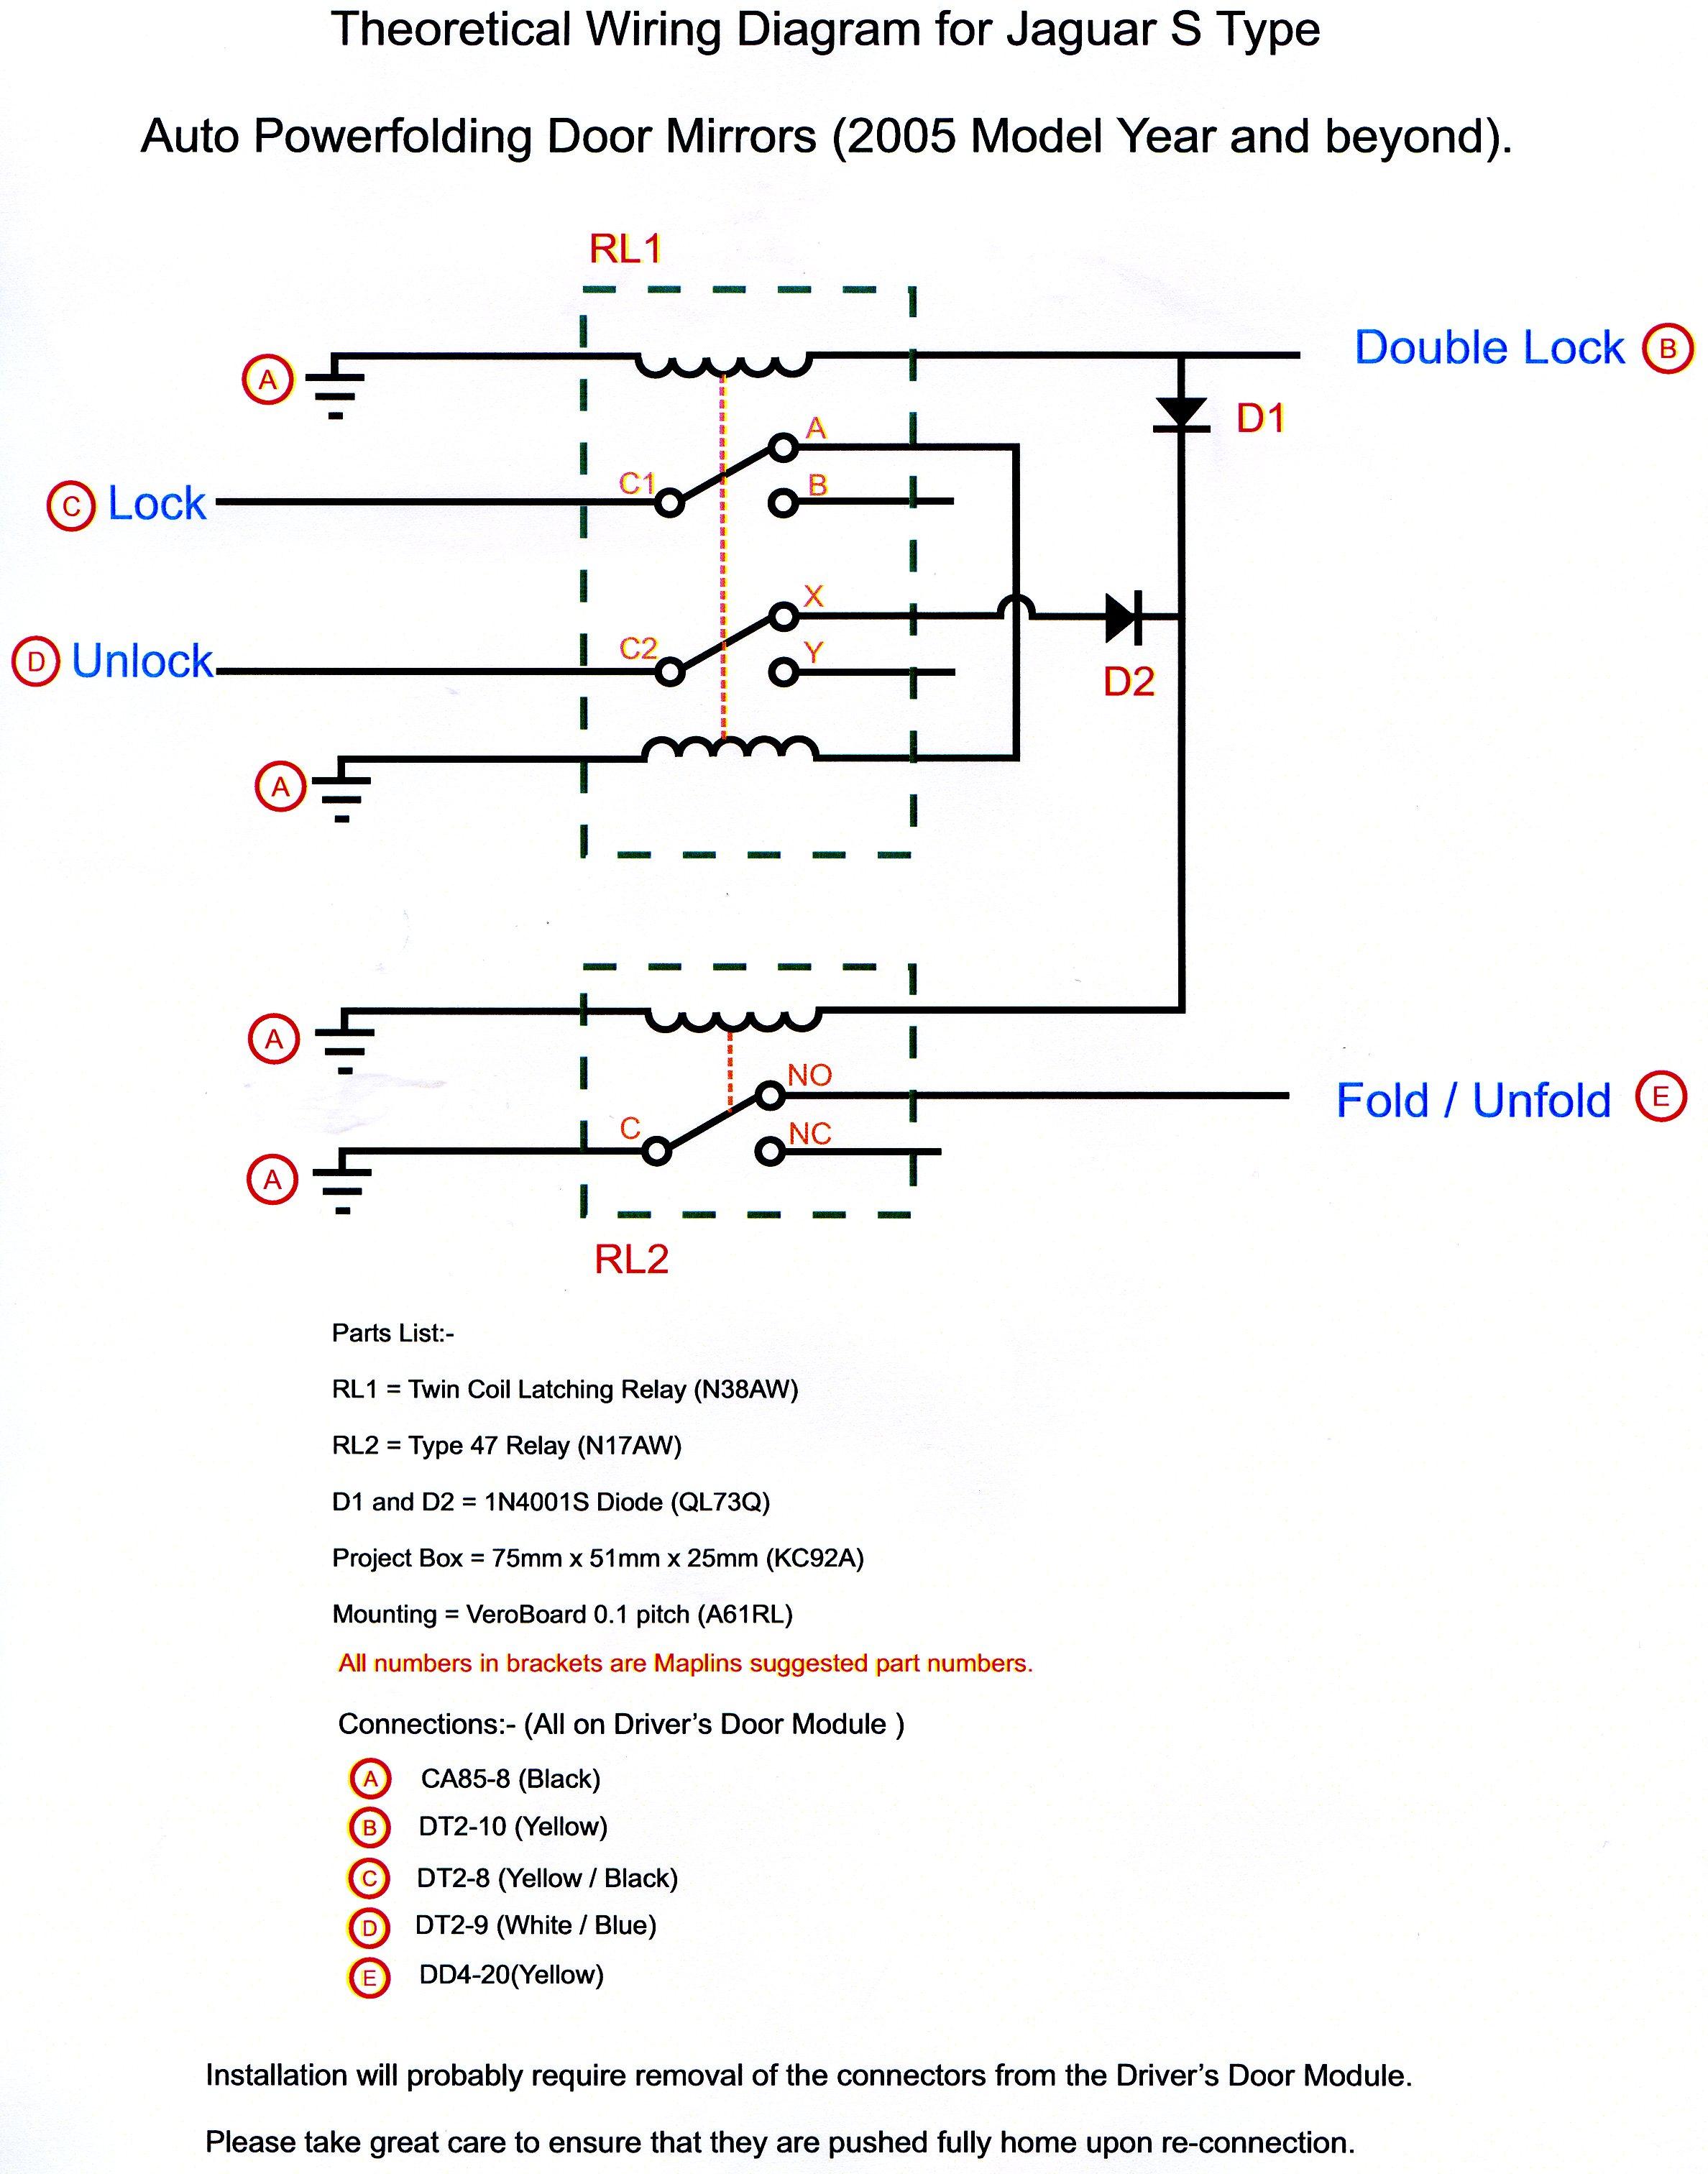 56f8353307dc0_AutoPowerfoldTheoretical.jpg.79270a411016636fc5068eb0ab76119b.jpg